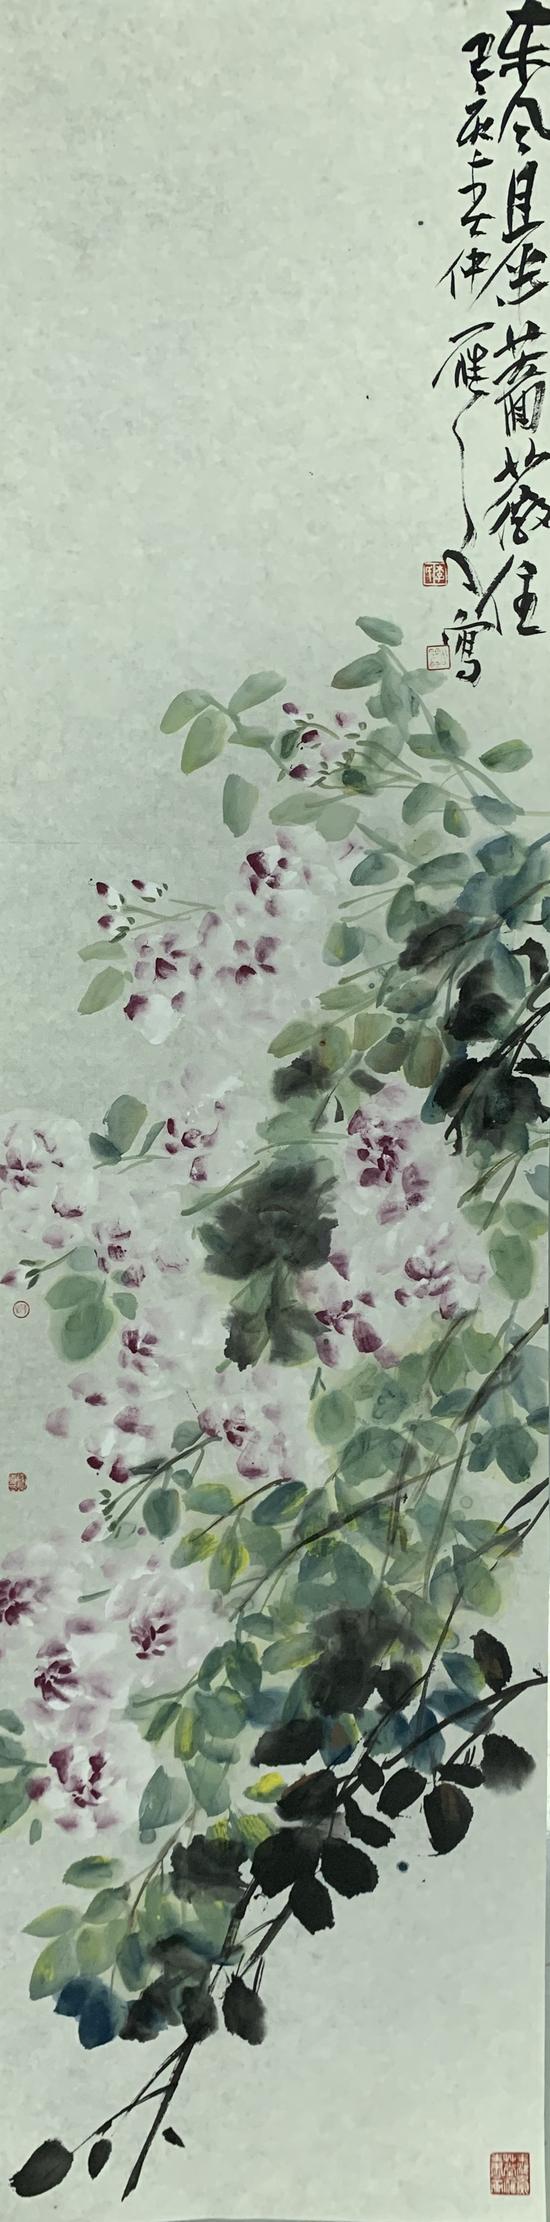 作品名称:《东风且半蔷薇住》